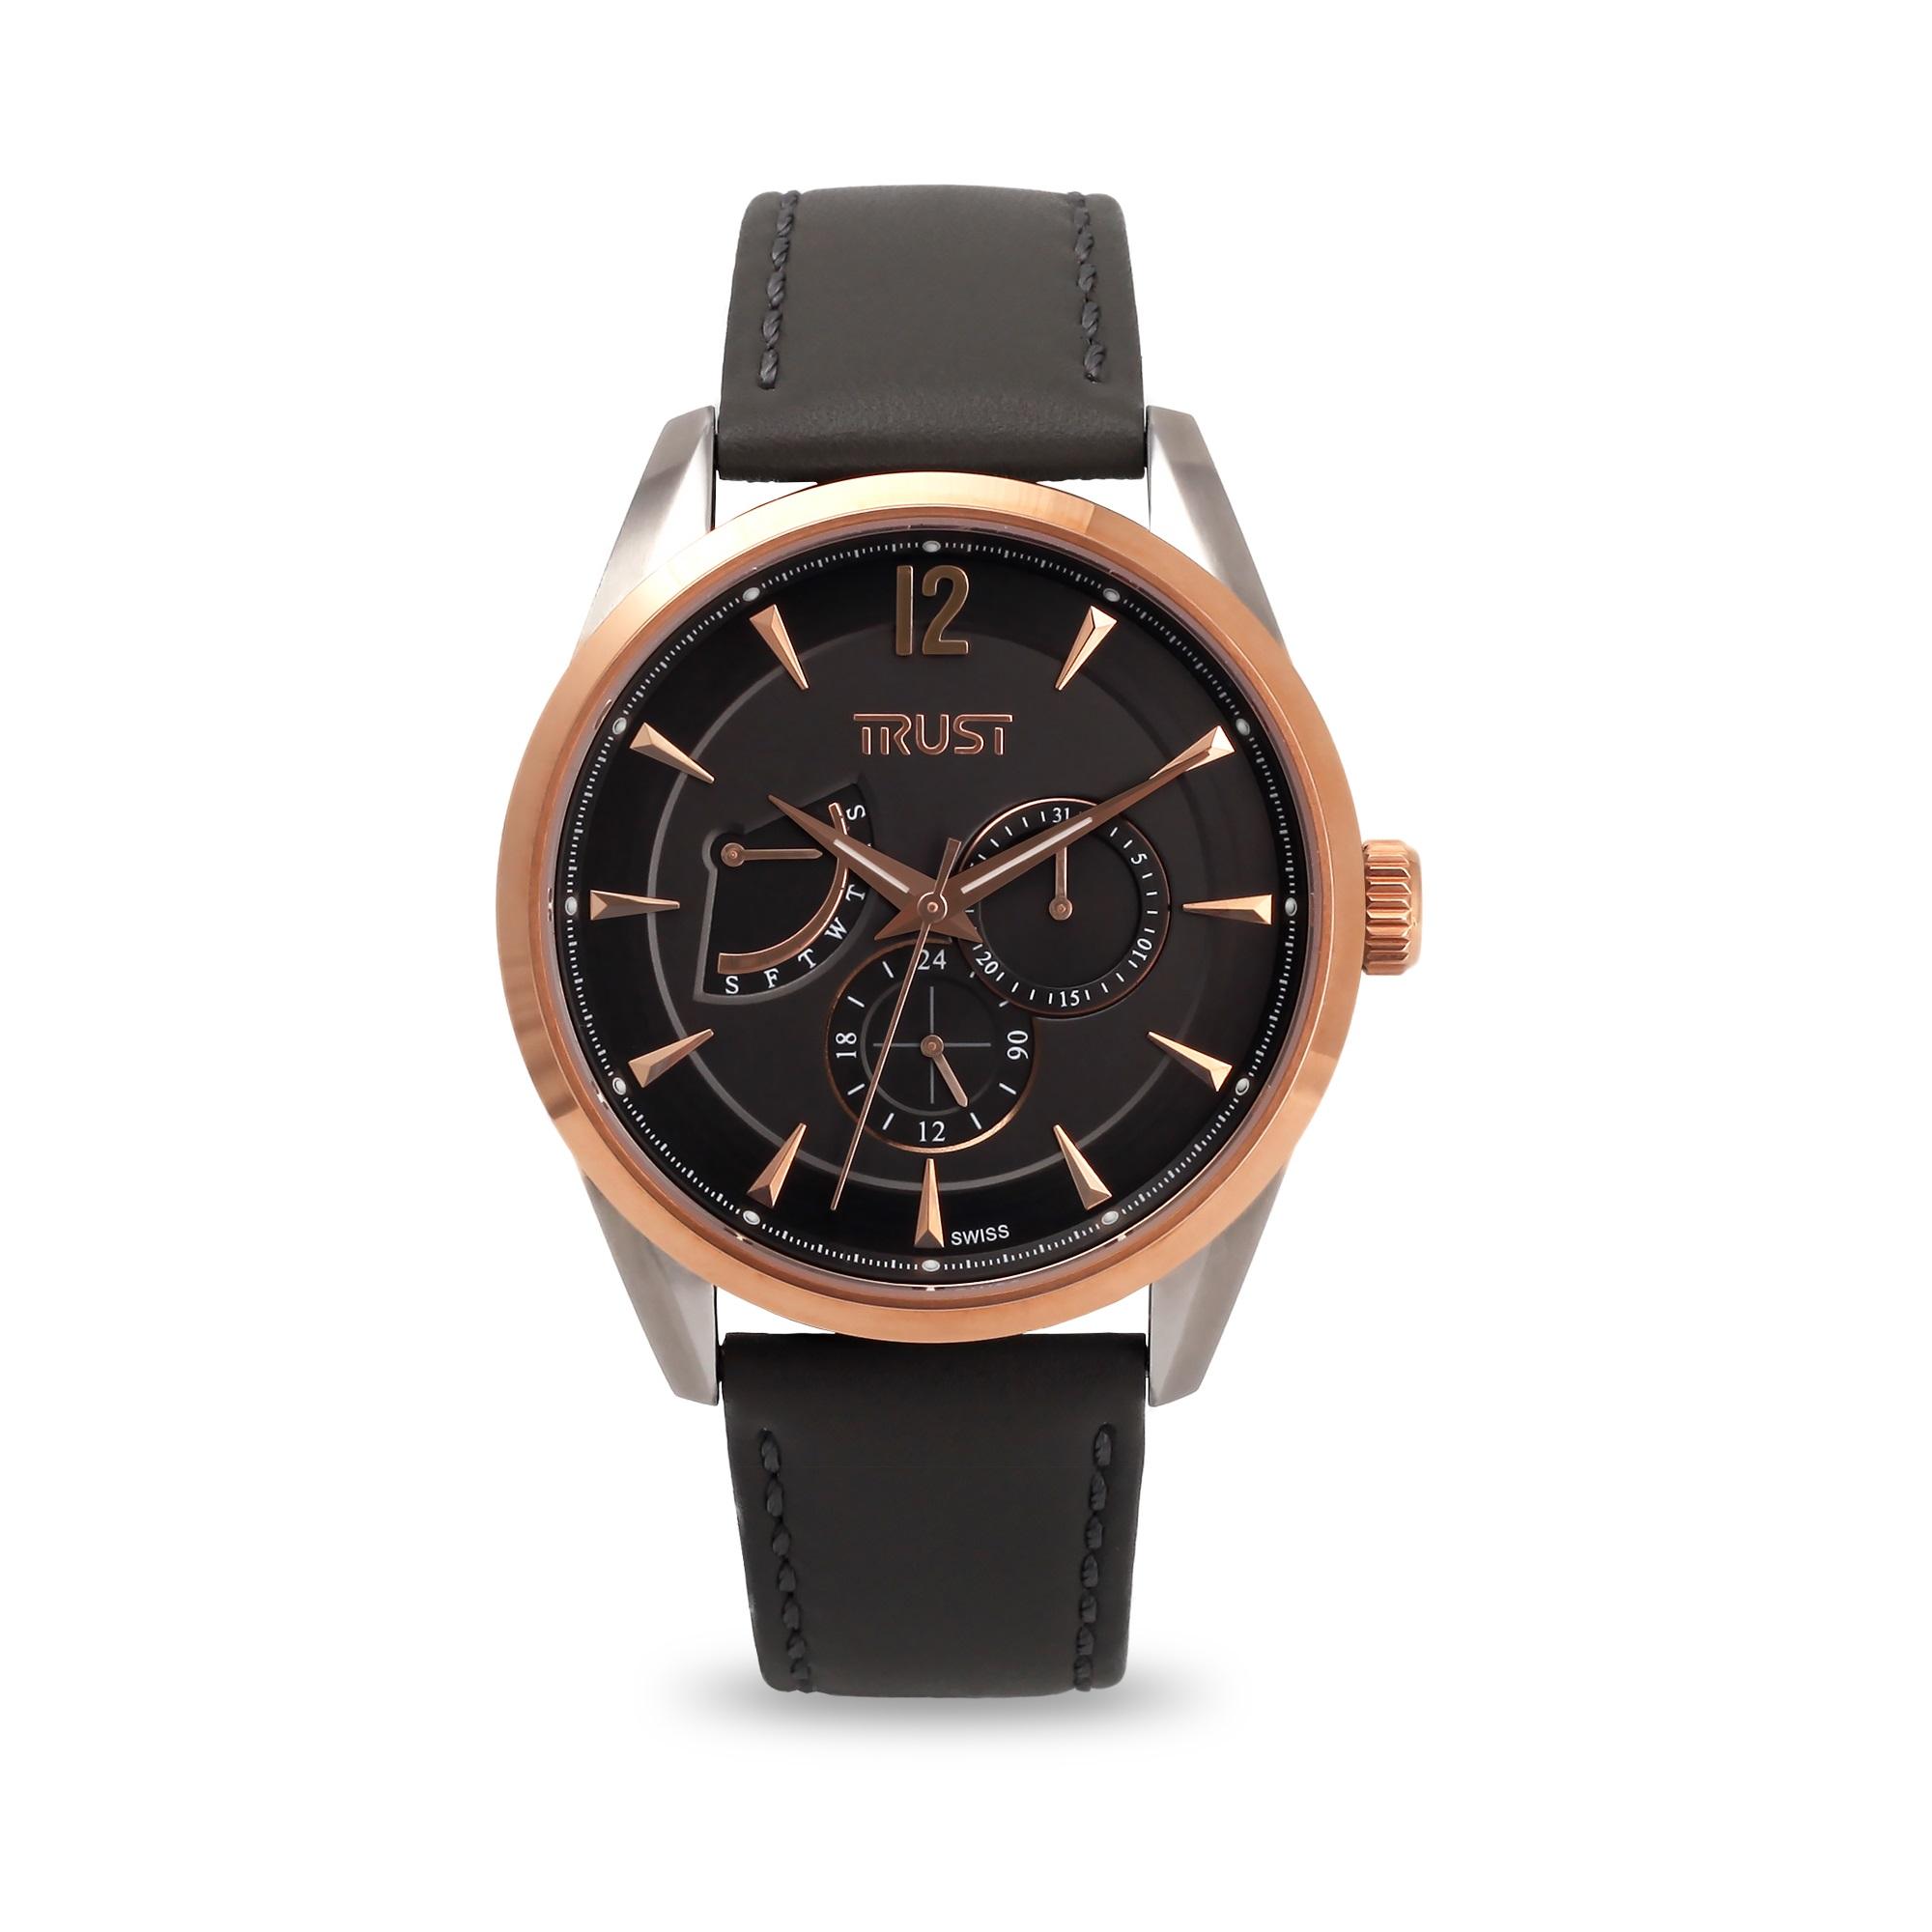 ساعت مچی عقربه ای مردانه تراست مدل G470JPF 50